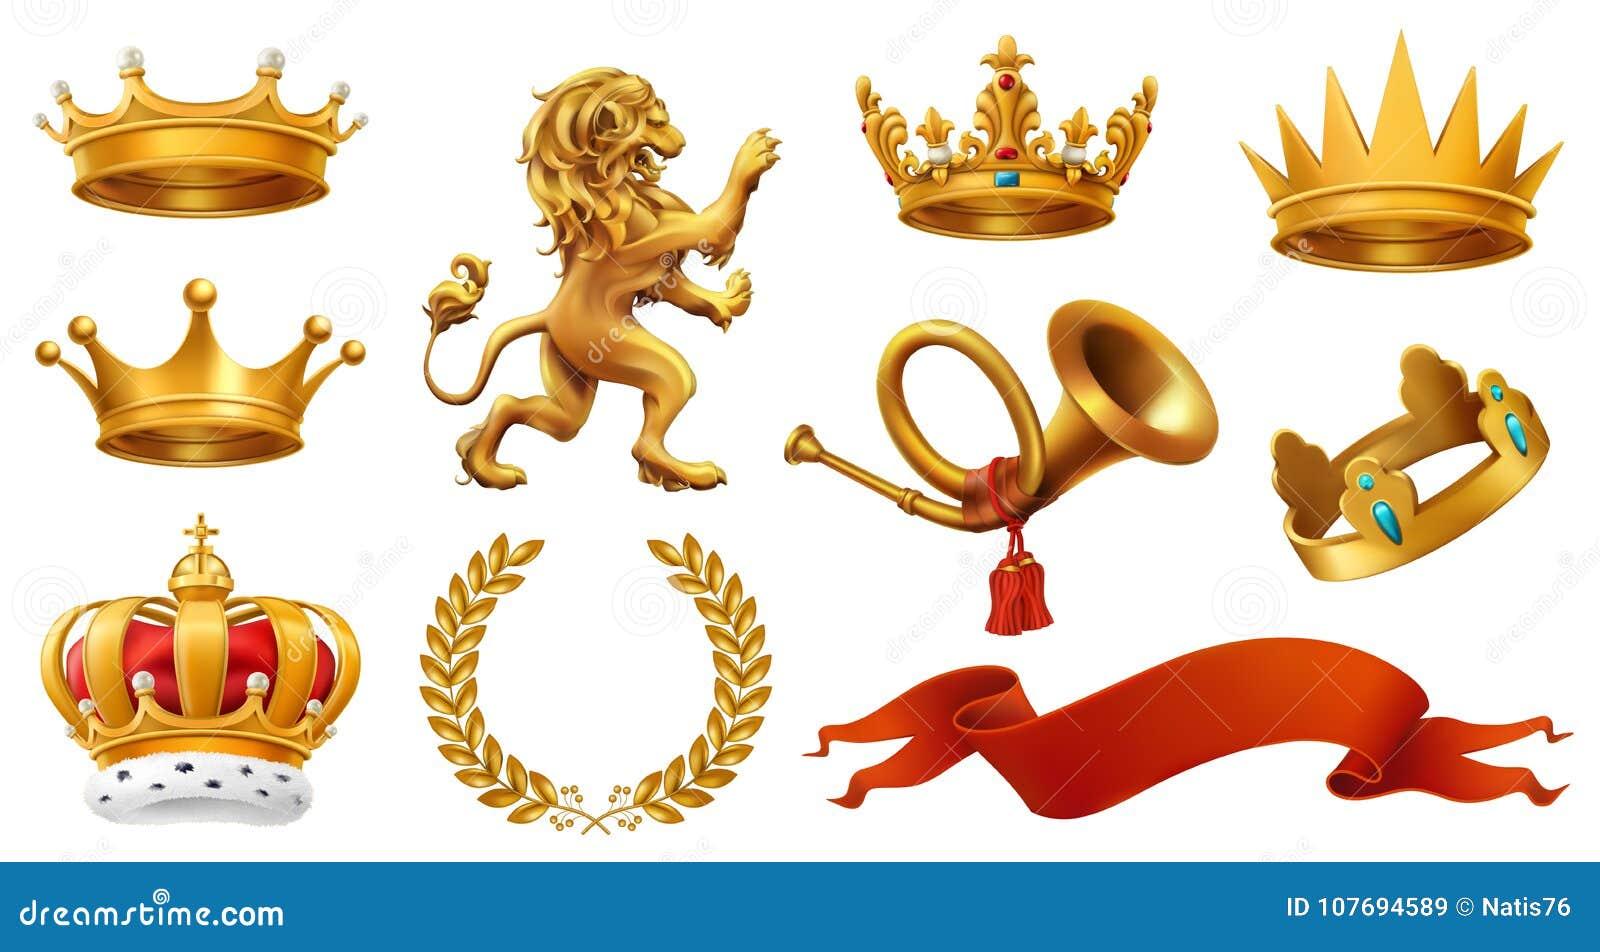 Goldkrone des Königs Lorbeerkranz, Trompete, Löwe, Band Drei Farbikonen auf Pappumbauten